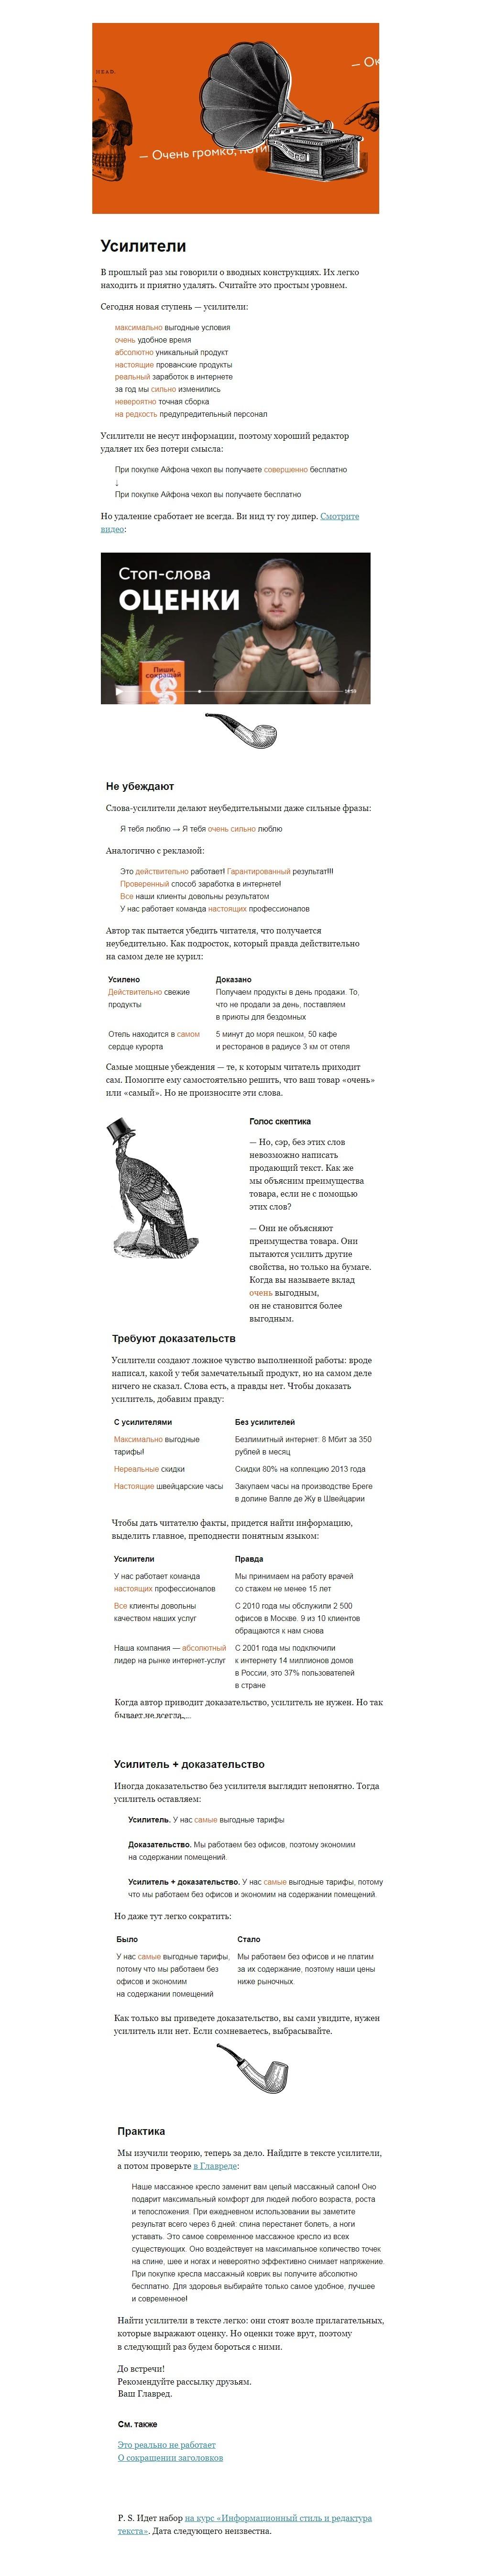 Рассылка Главреда про усилители в тексте